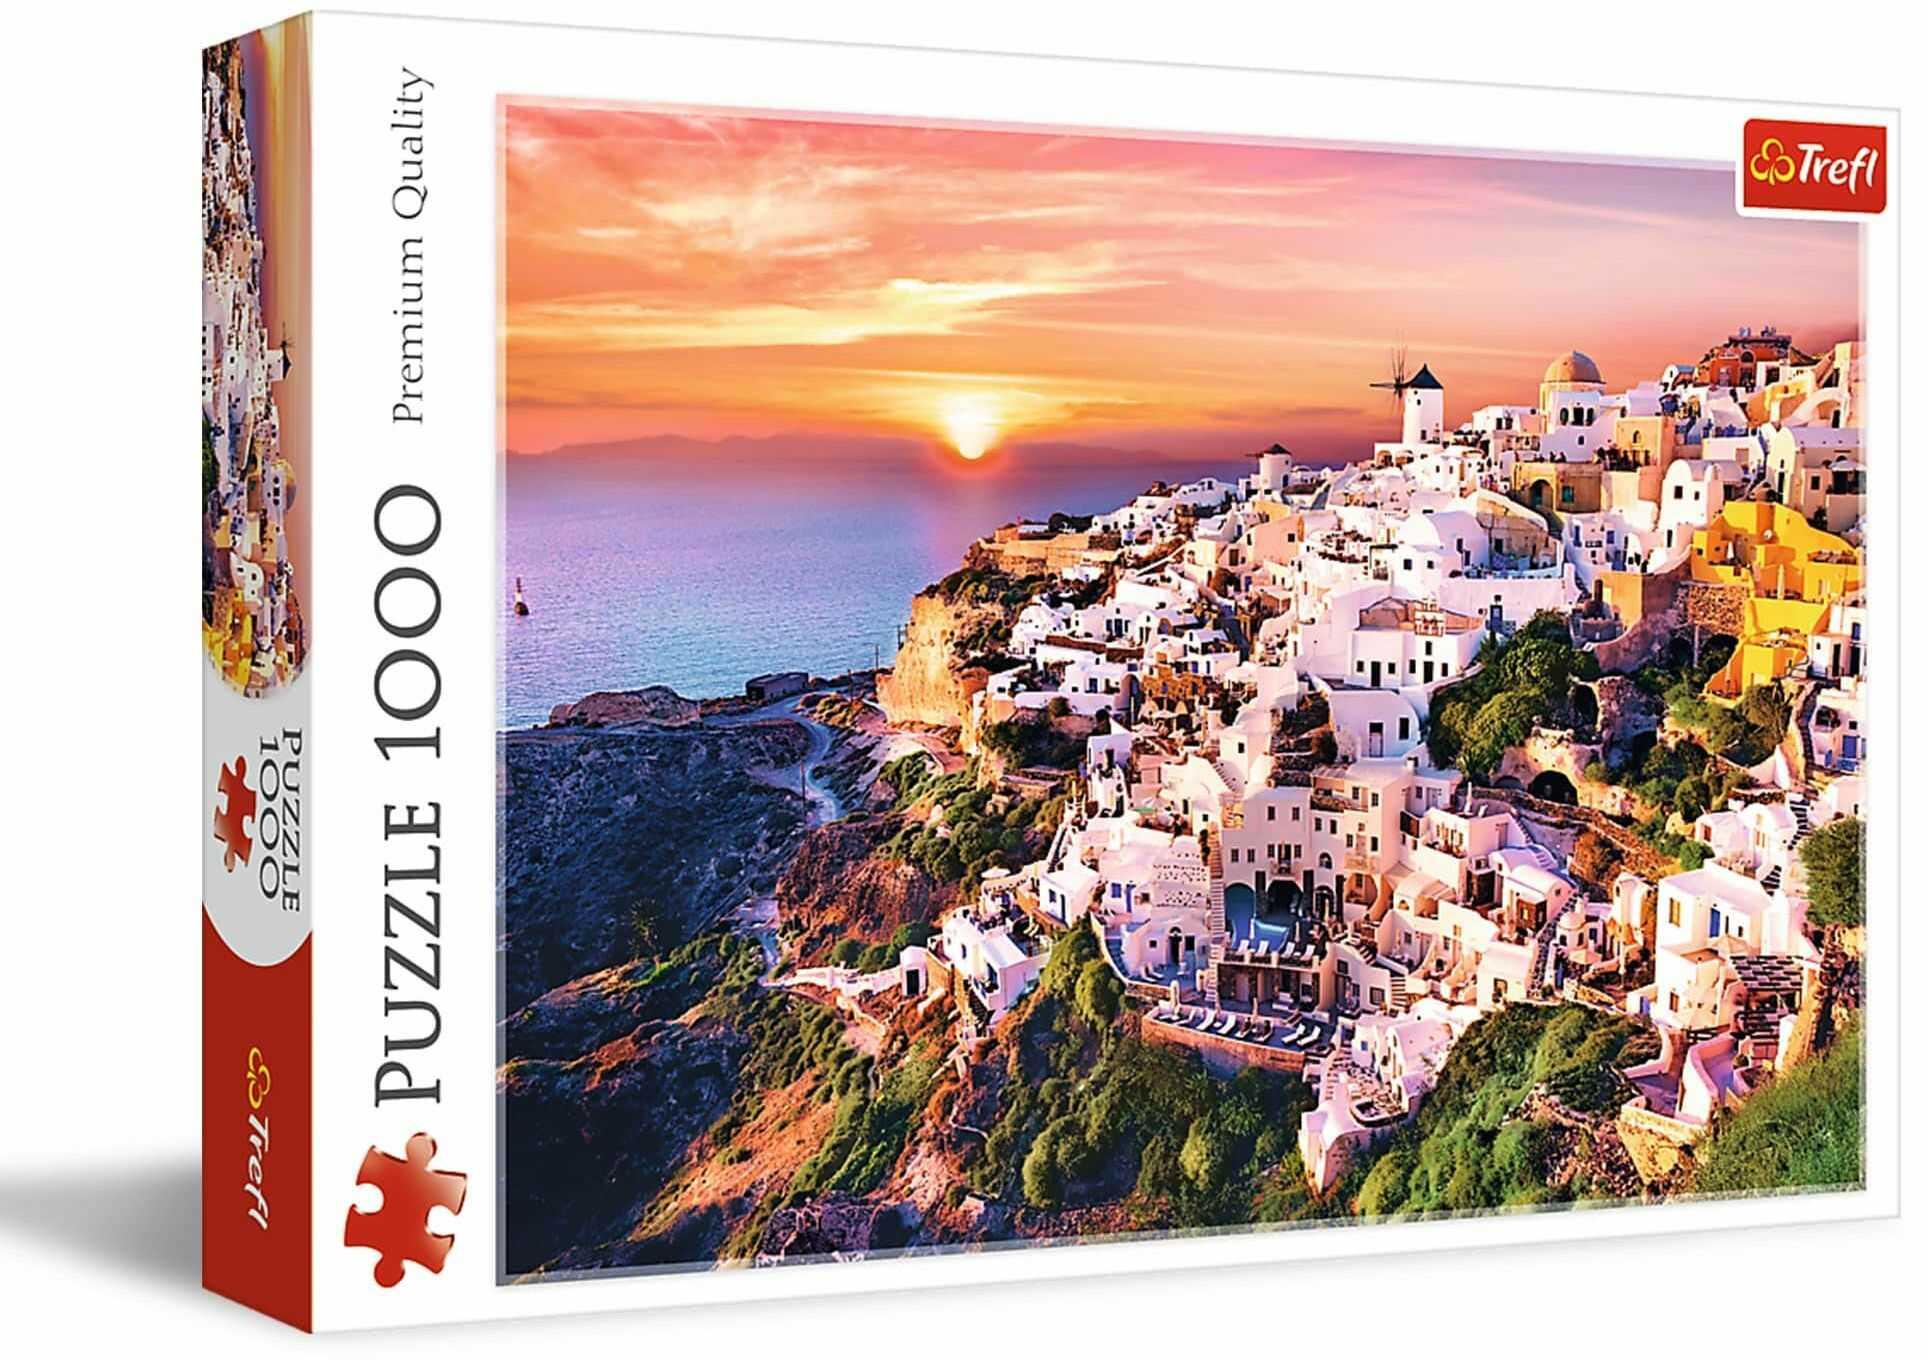 Trefl - Puzzle Zachód Słońca nad Santorini, Grecja - 1000 Elementów, Grecka Wyspa, Widok na Piękne Miasto, Układanka DIY, Kreatywna Rozrywka, Prezent, Puzzle Klasyczne dla Dorosłych i Dzieci od 12 Lat